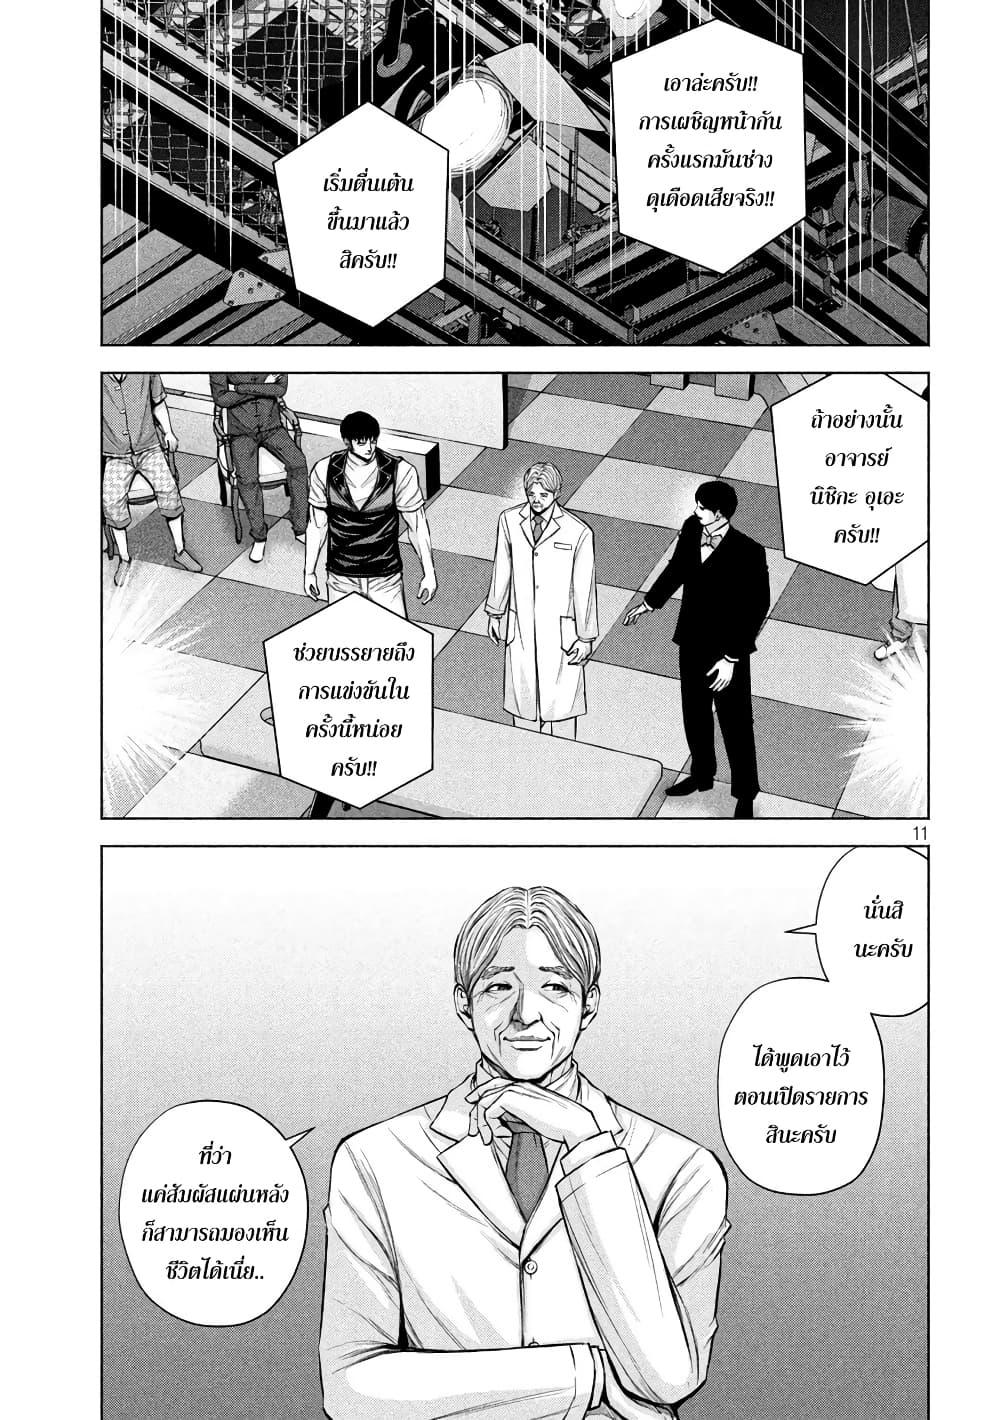 อ่านการ์ตูน Kenshirou ni Yoroshiku ตอนที่ 28 หน้าที่ 11